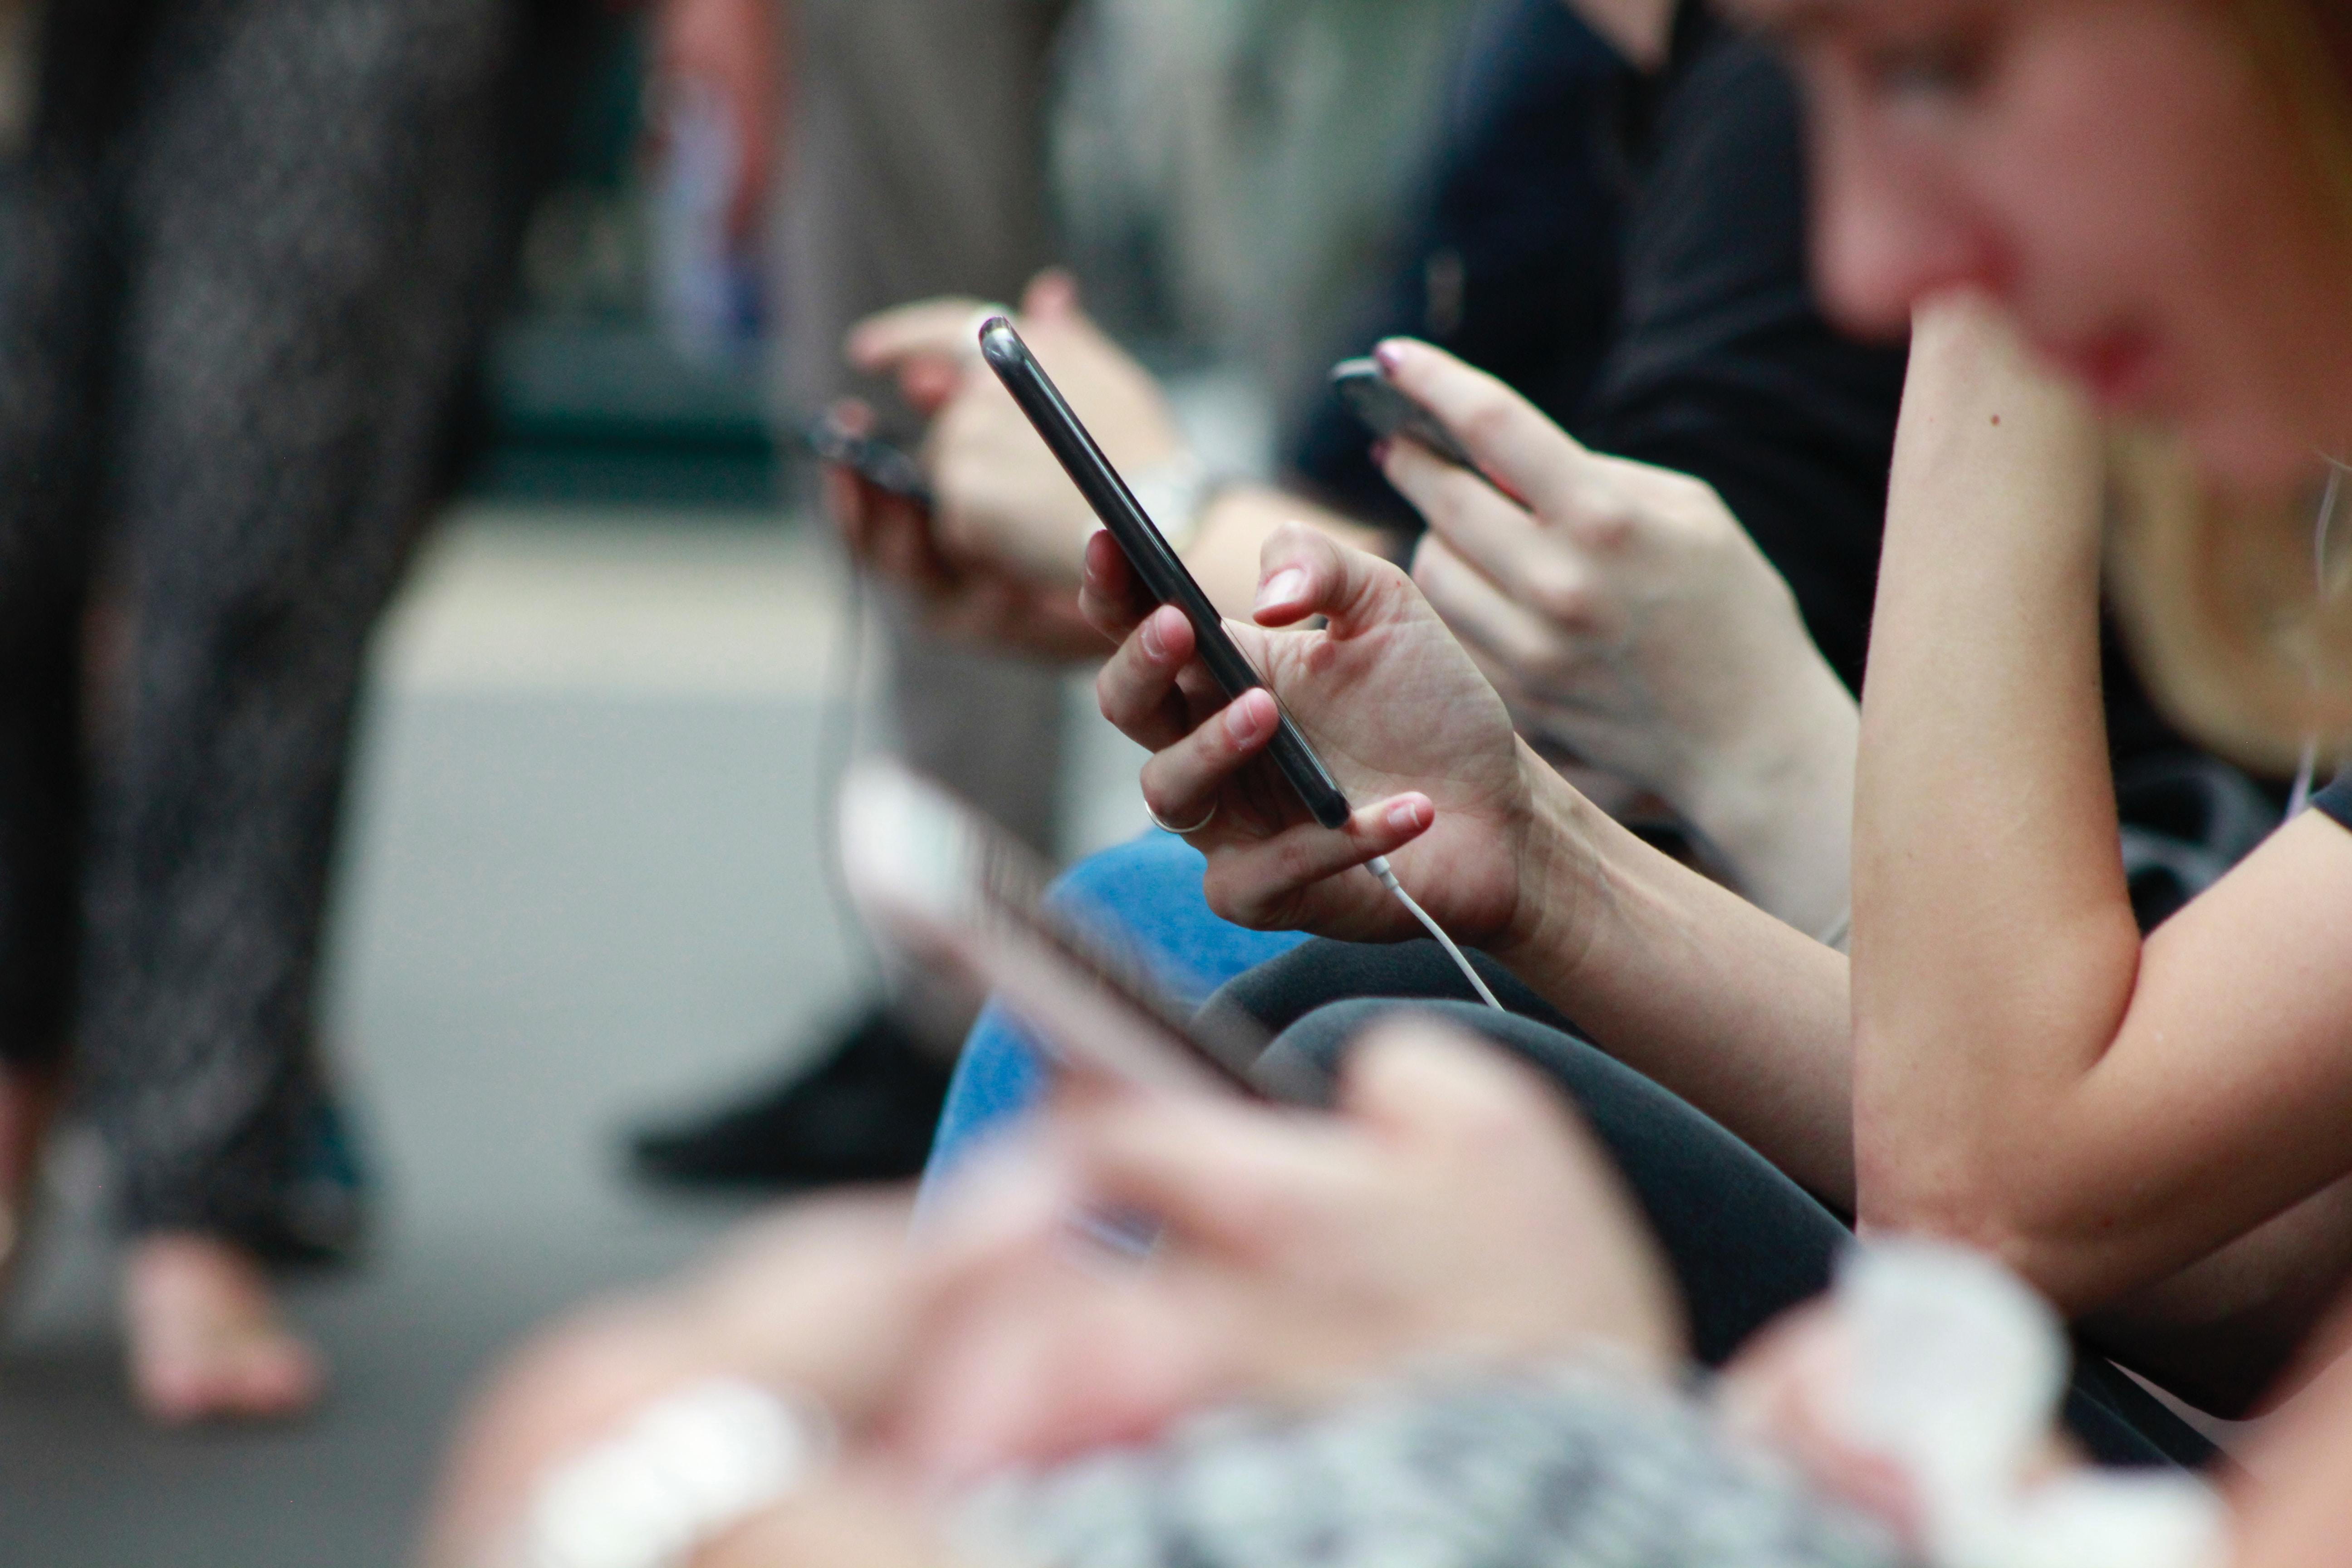 Forfait Bouygues : 50 Go, data illimitée le week-end, SMS et appels illimités pour 11,99 €/mois à vie